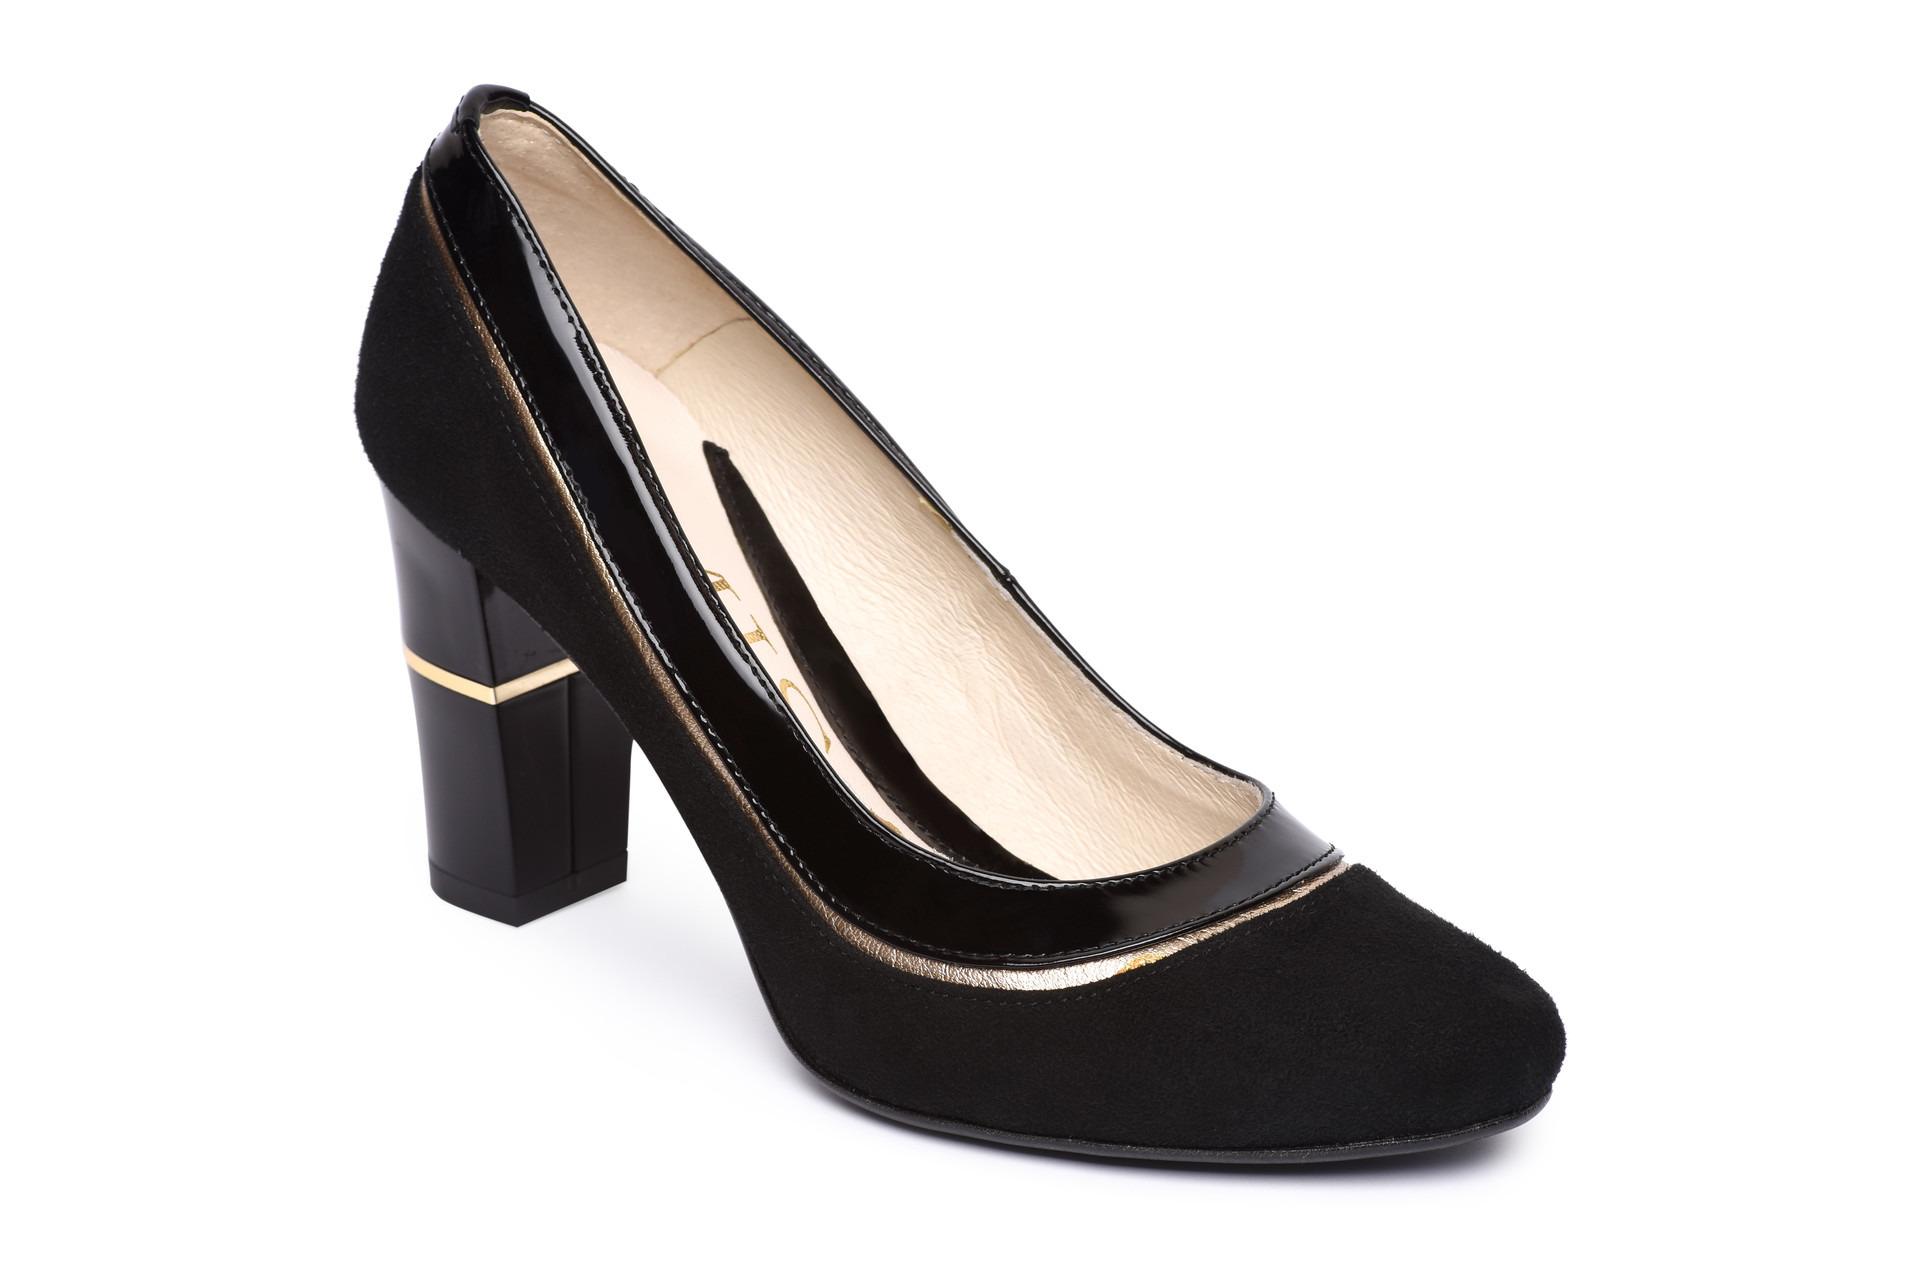 20cfed80301a GALLERY SHOES - Lodičky - Lodičky čierne nubukové s čiernozlatým ...